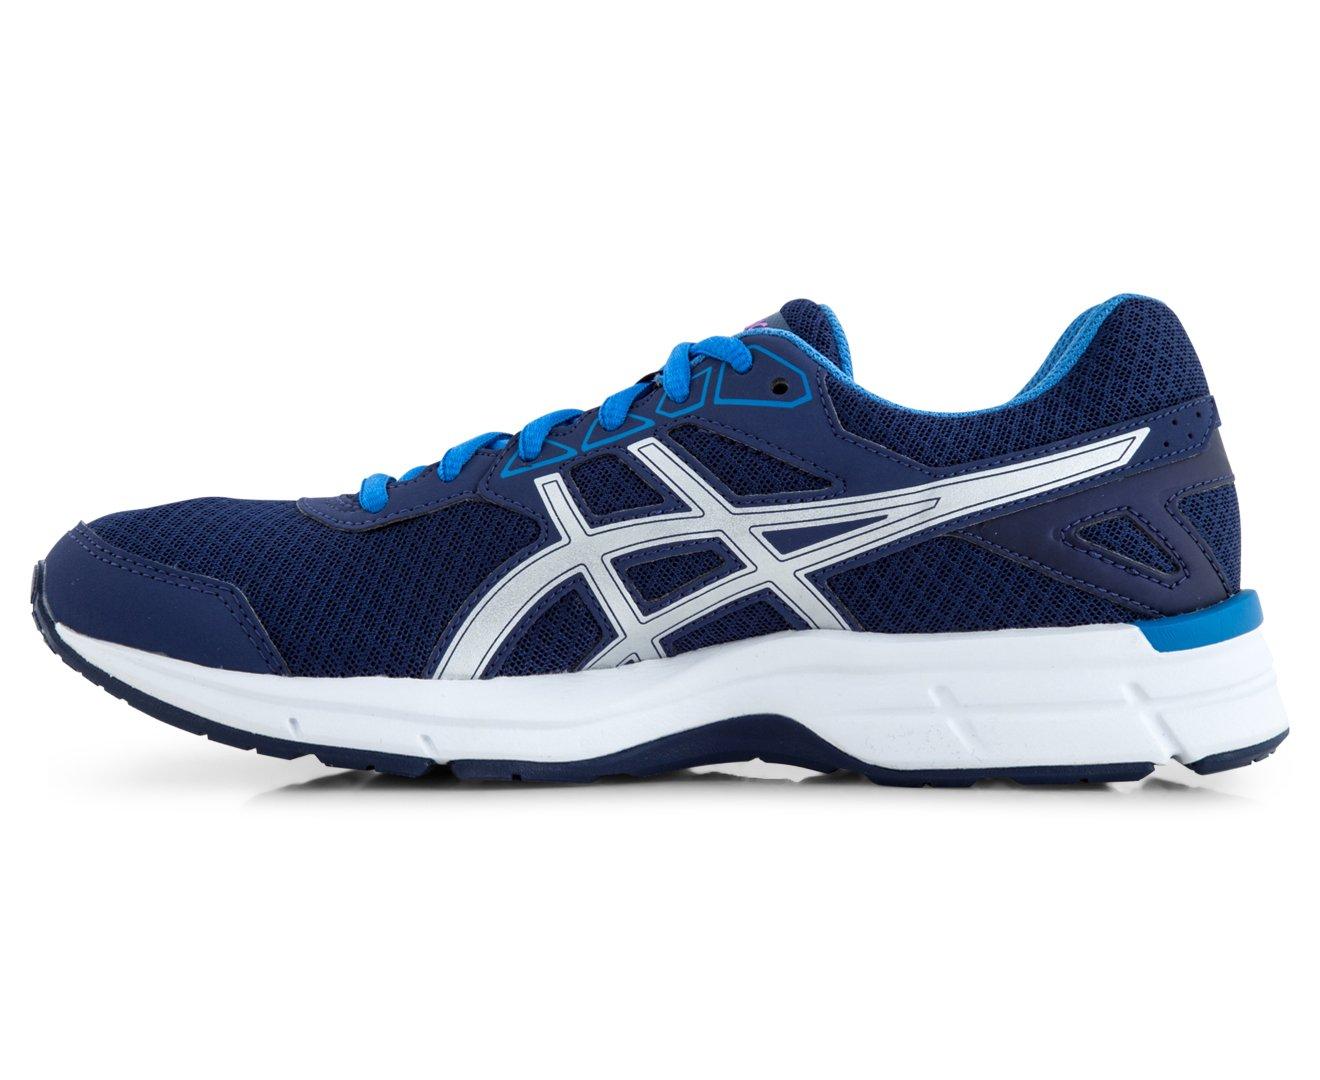 537c2deac4f0 ASICS Women s Gel Galaxy 9 Shoe Indigo Blue Silver Regatta Blue   Amazon.com.au  Fashion